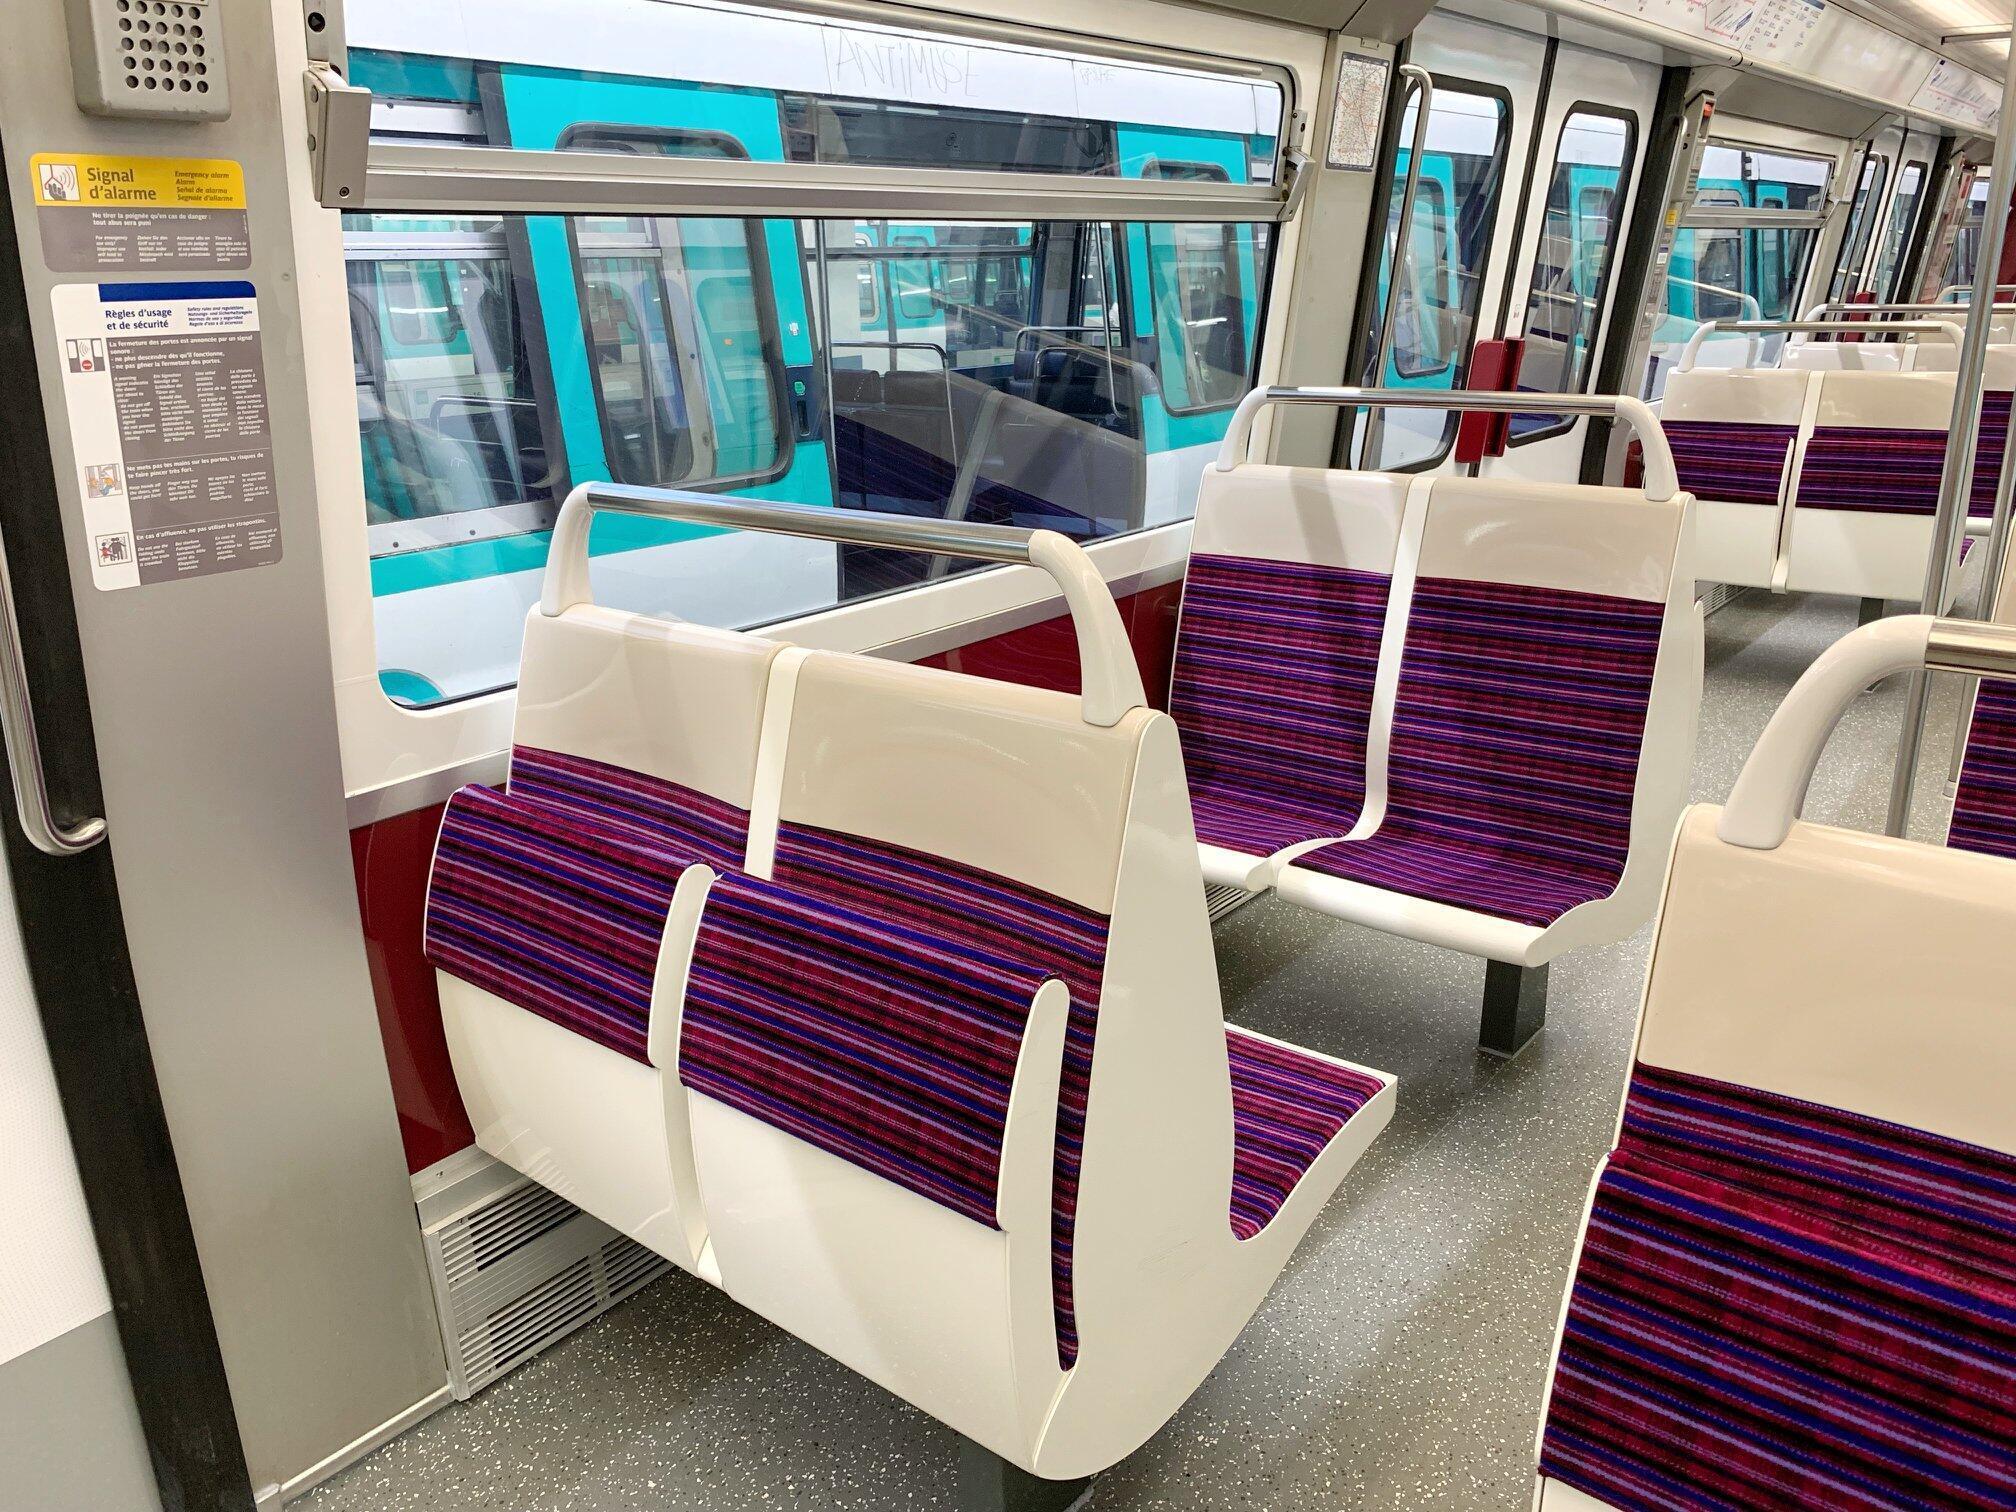 Un nuevo diseño para el interior de los trenes.